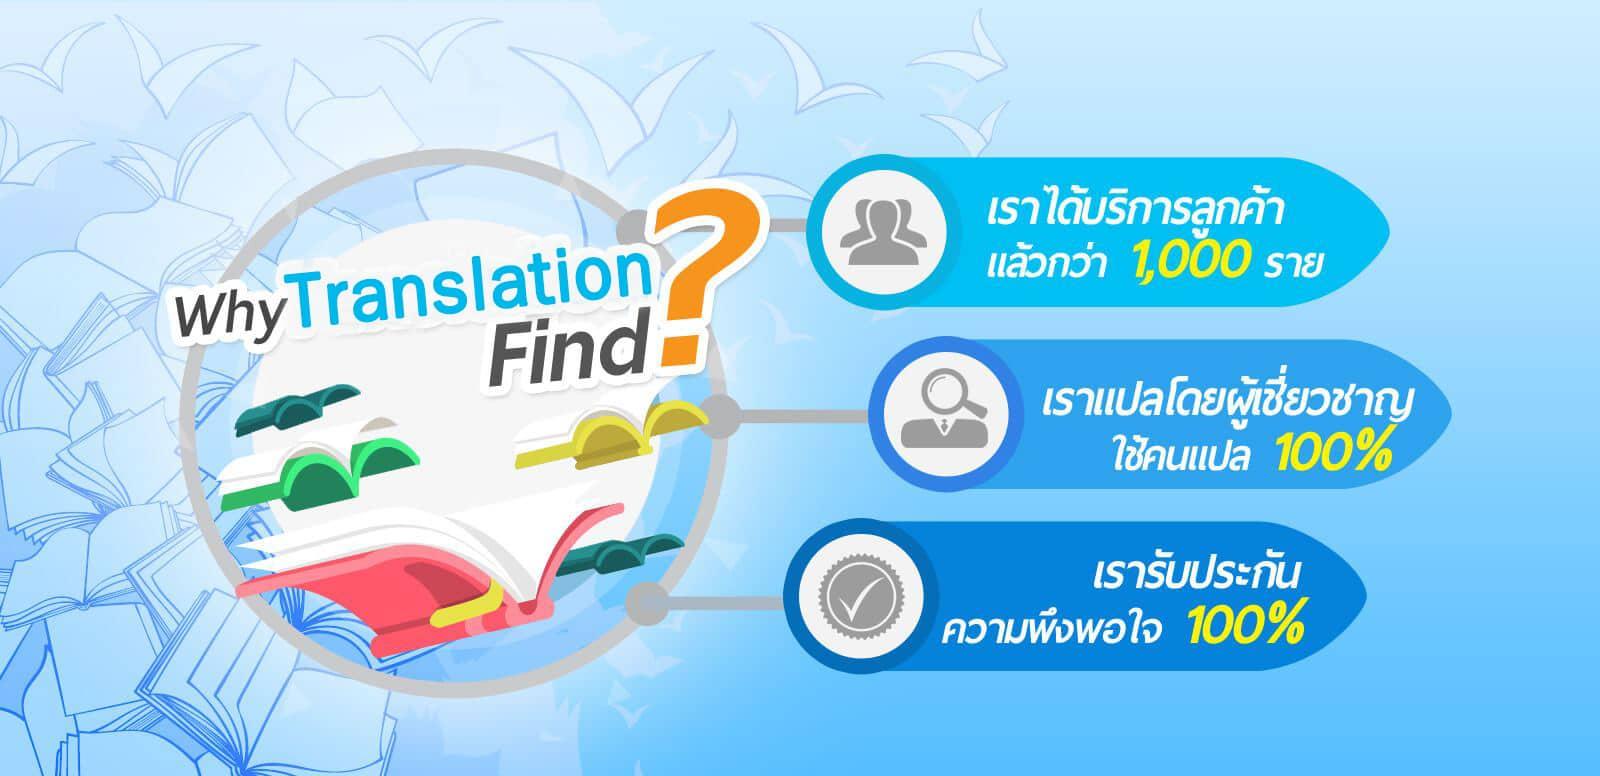 รับแปลเอกสาร รับแปลบทคัดย่อ รับแปลงานวิจัย แปลเอกสารด่วน ทุกชนิด